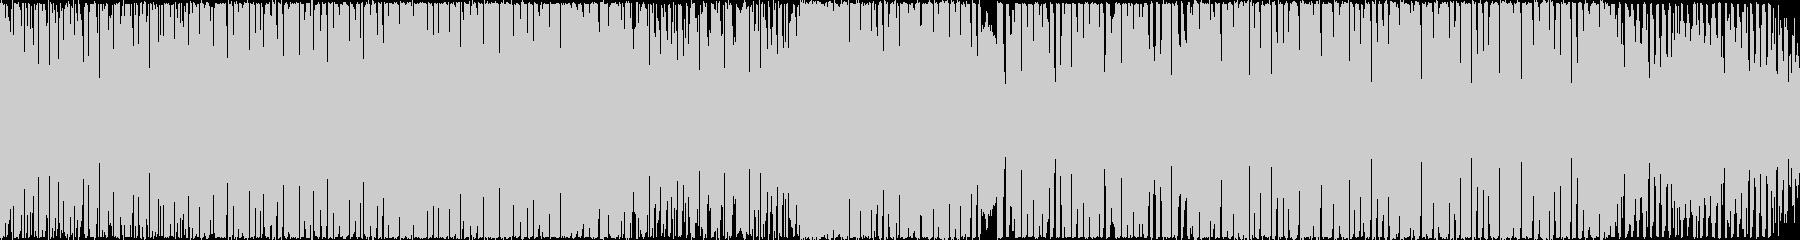 【ループ仕様】ポップで疾走感のあるBGMの未再生の波形